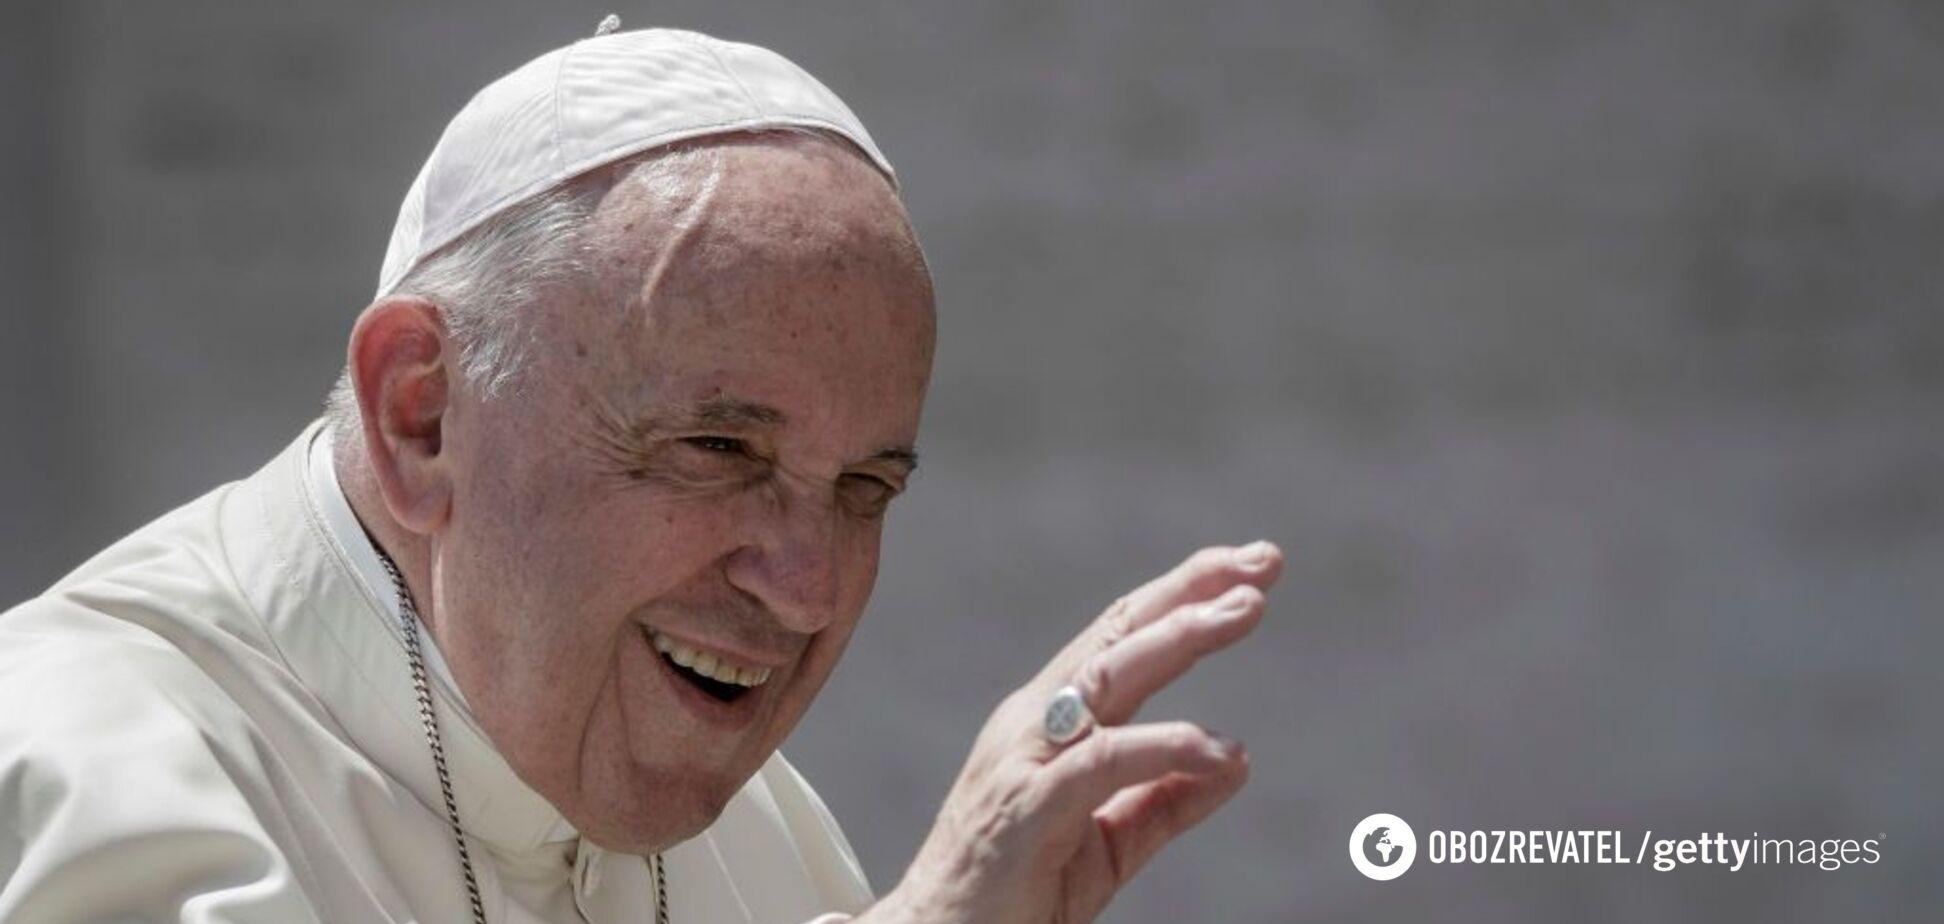 Рятували пожежники: з Папою Римським сталася надзвичайна подія